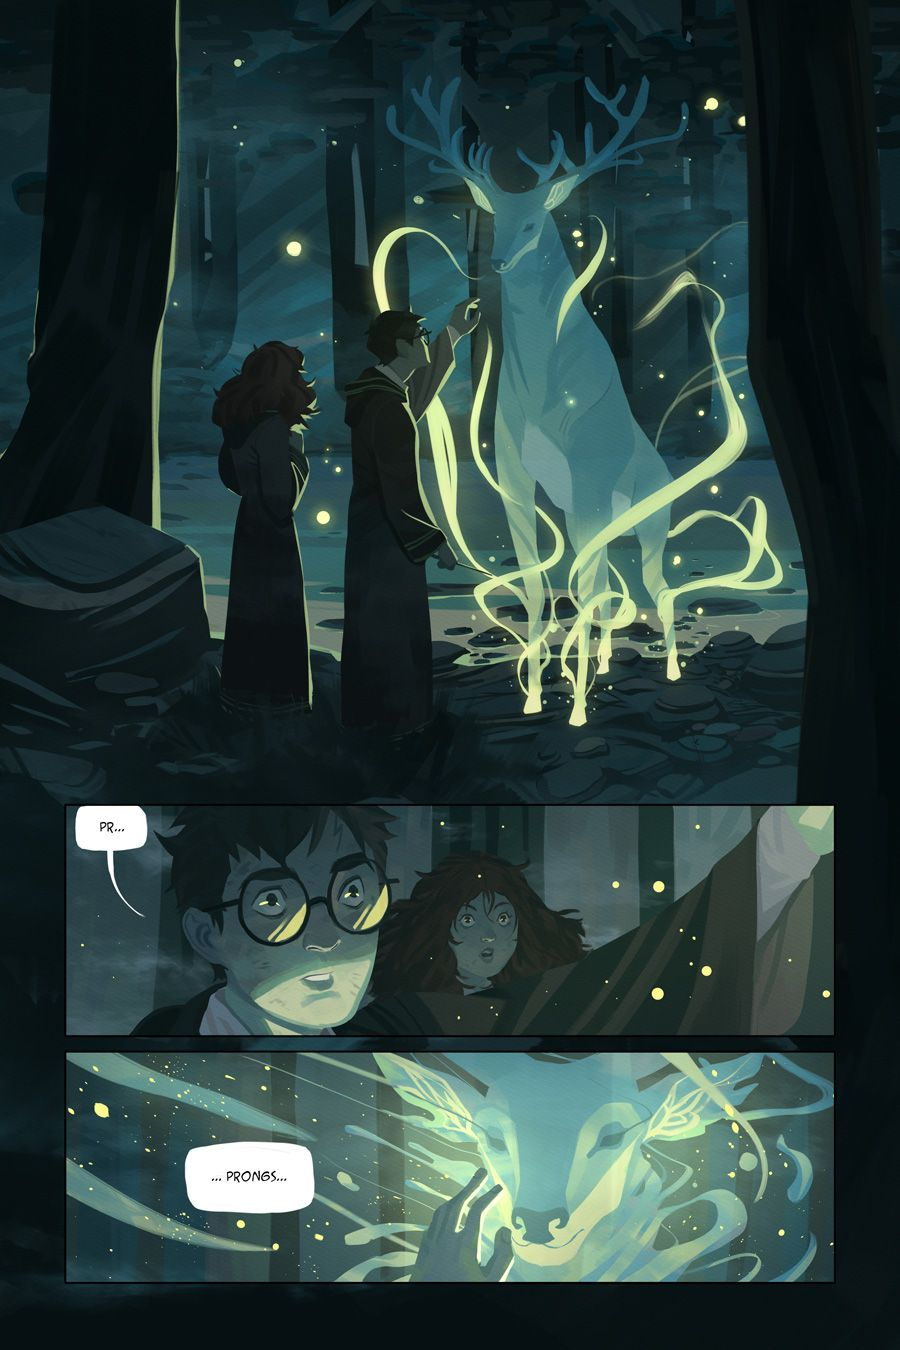 Harry potter and the prisoner of azkaban by nesskainviantart